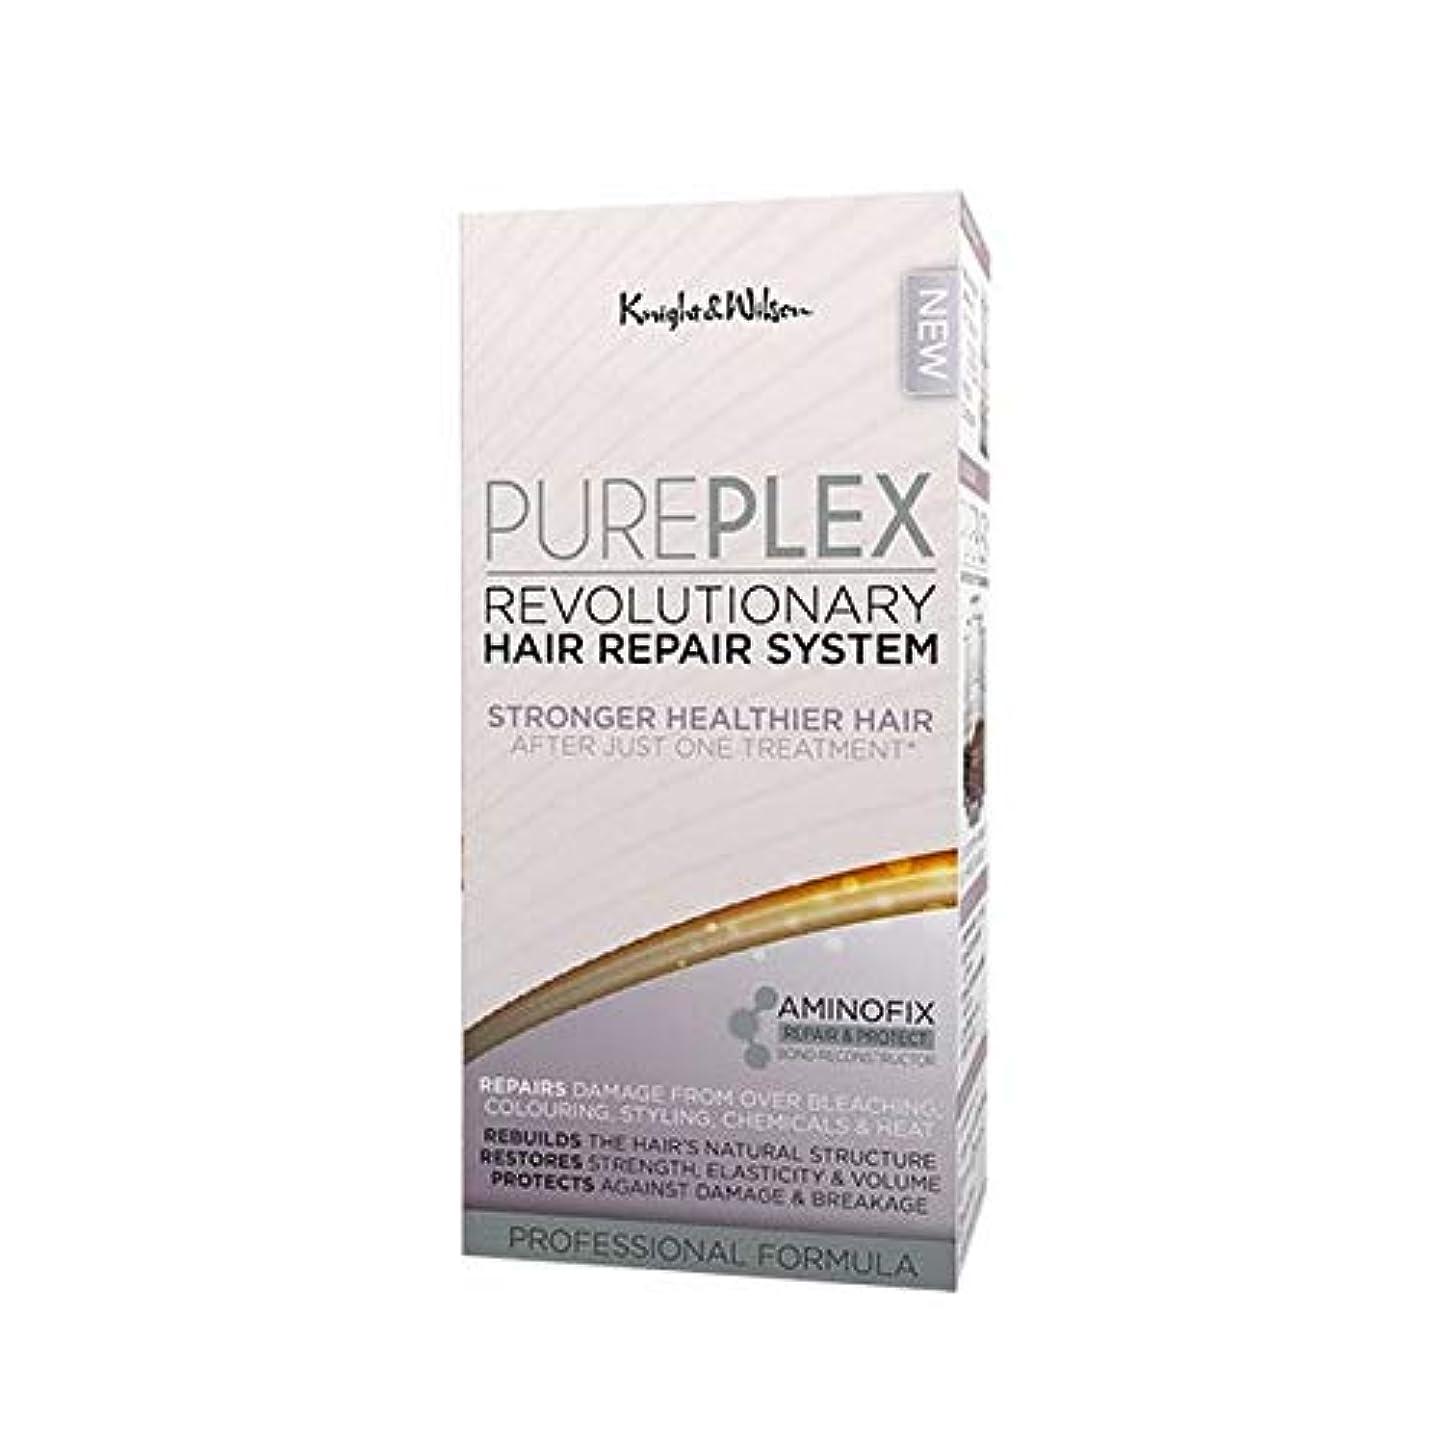 一時停止コード敬意[Knight and Wilson ] 騎士とウィルソンPureplex画期的なヘア修復システム - Knight and Wilson PurePlex Revolutionary Hair Repair System...